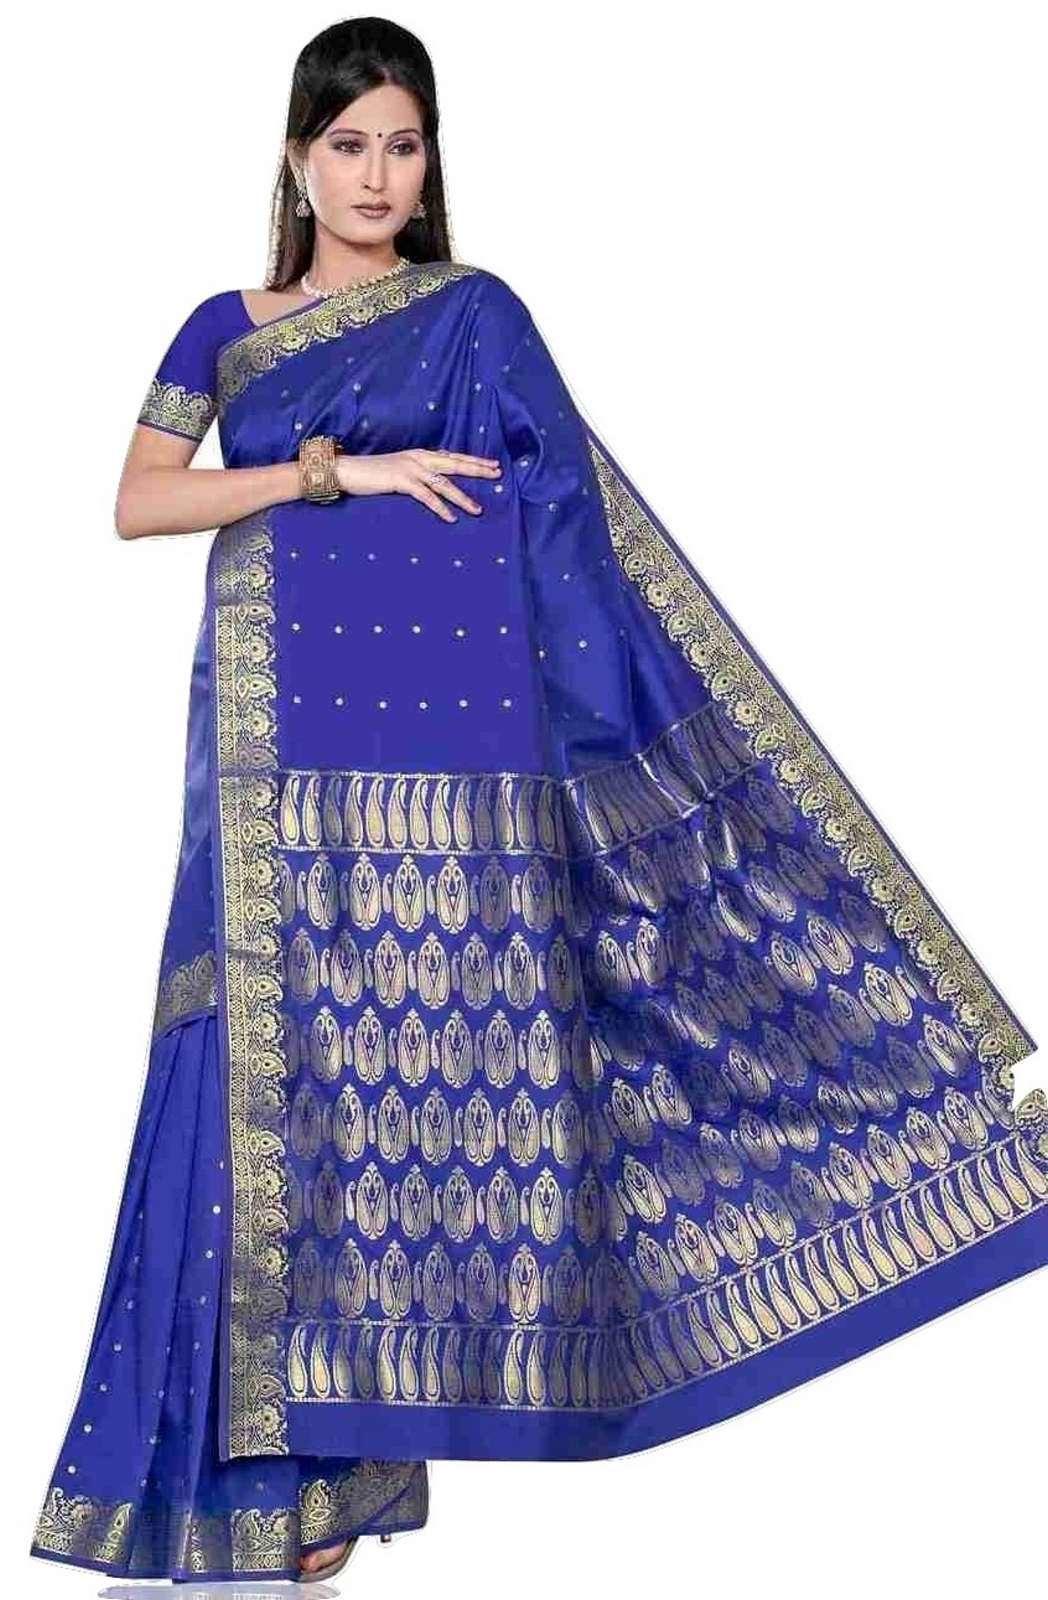 Blue -  Benares Art Silk Sari  SareeBellydance Fabric (India)